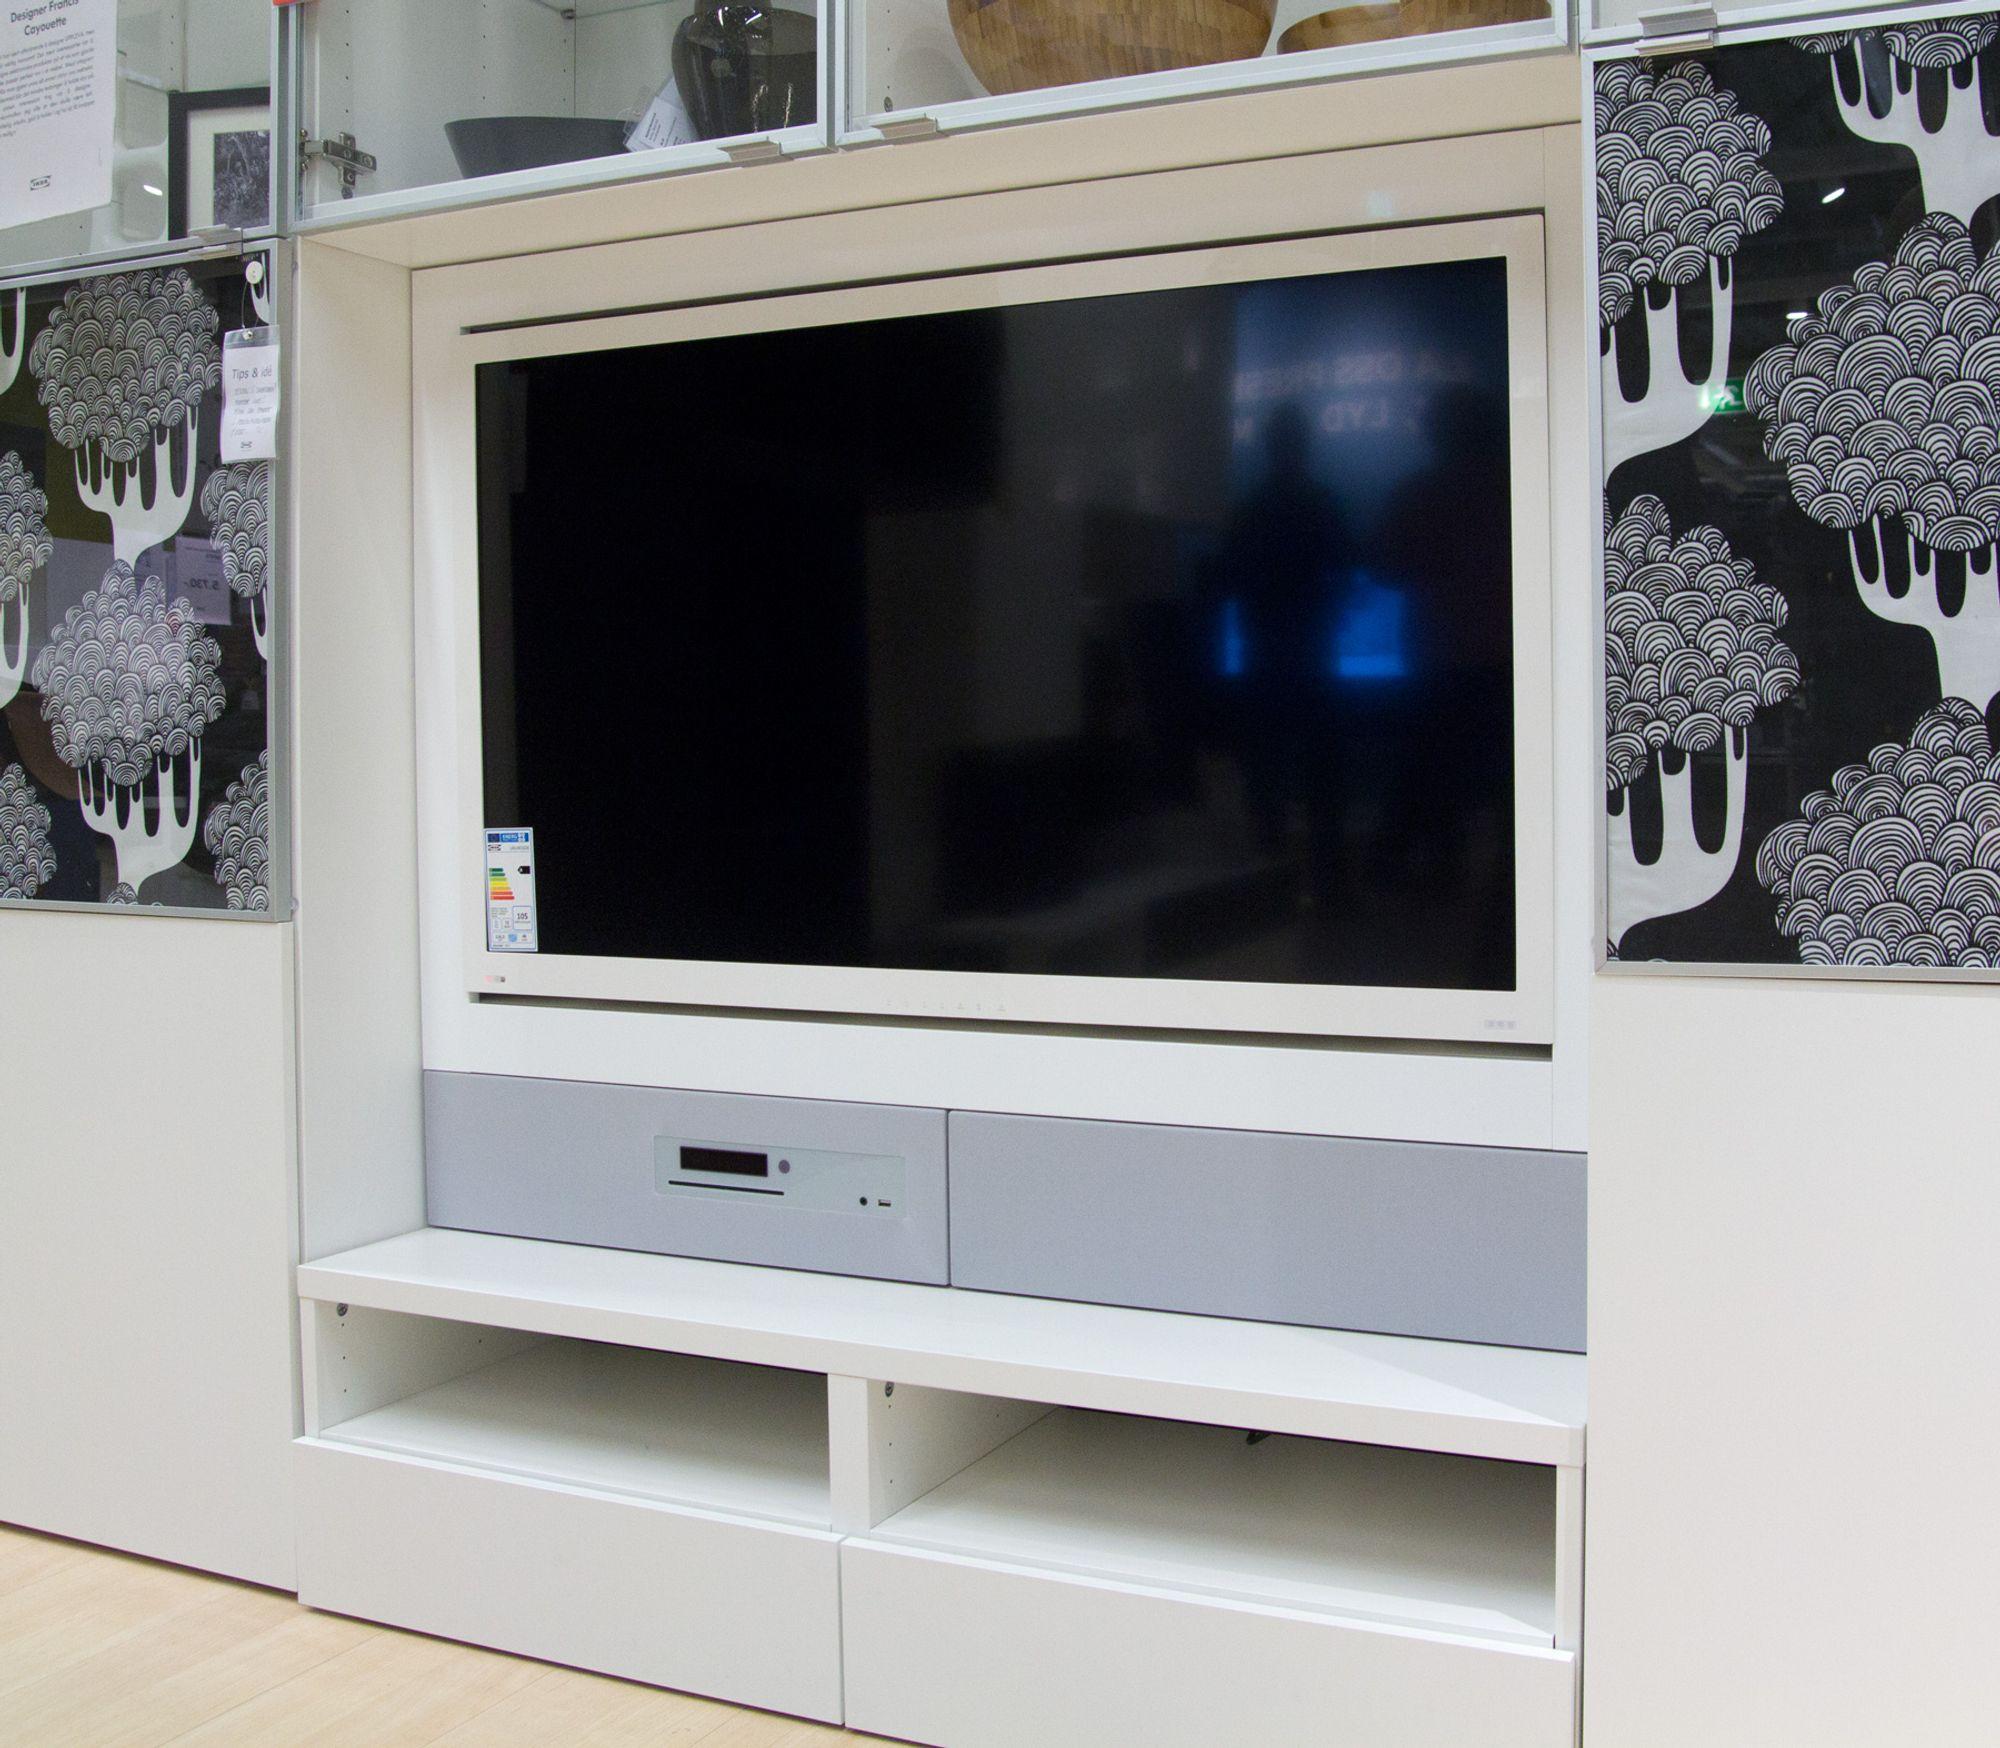 Meuble Tv Ikea Uppleva : Ikea Uppleva – Teknofilno